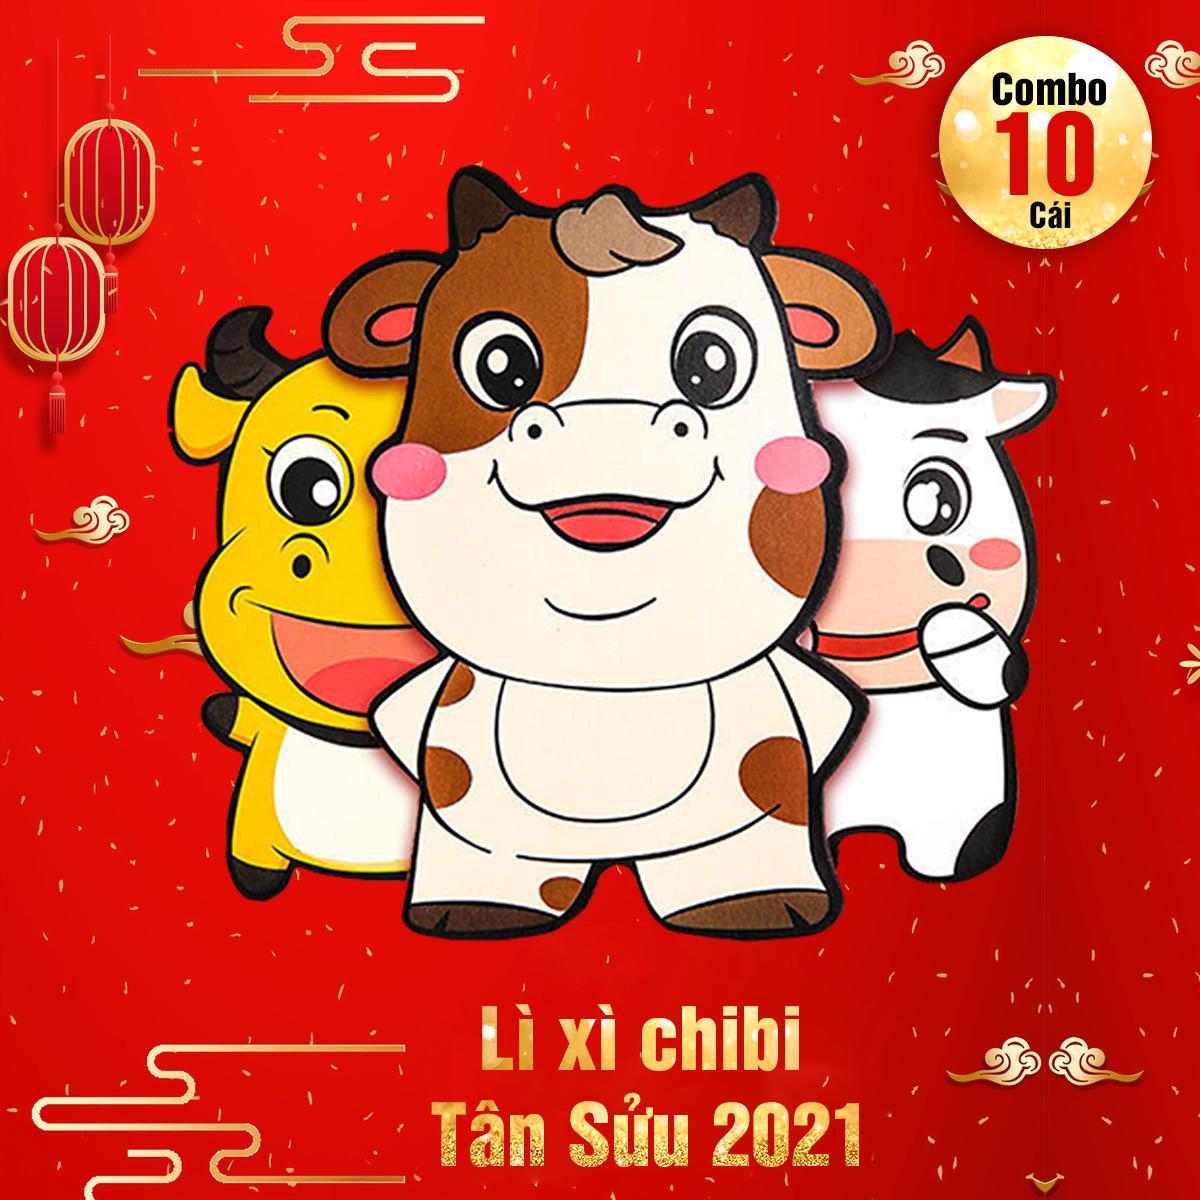 [Combo 10 cái 10 mẫu khác nhau] Bao lì xì chibi hoạt hình đáng yêu cho bé mẫu Trâu mới nhất 2021, nhiều mẫu hoạt hình dễ thương